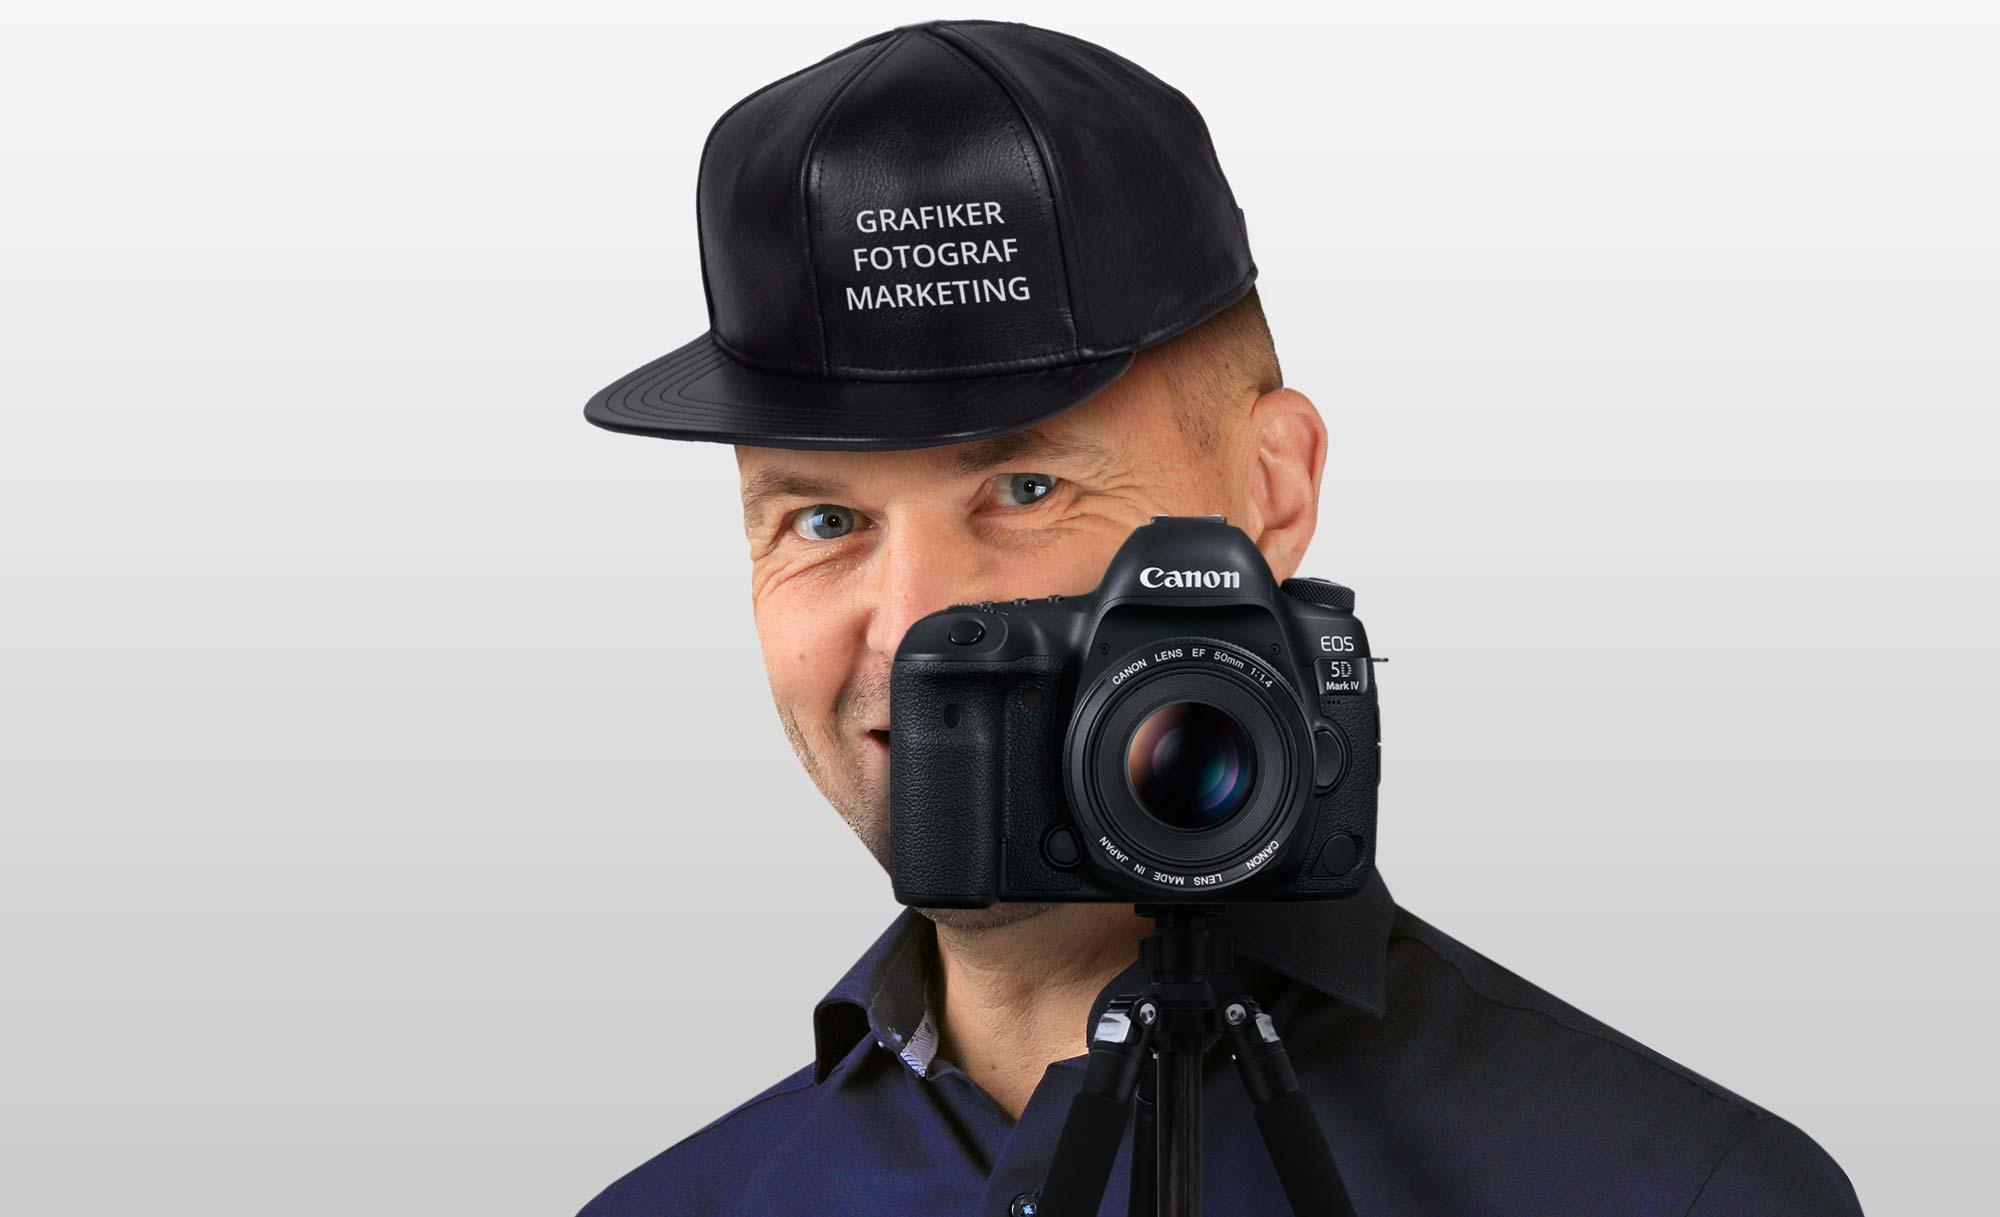 Fotograf, grafiker og  marketinguddannet giver dig disse fordele